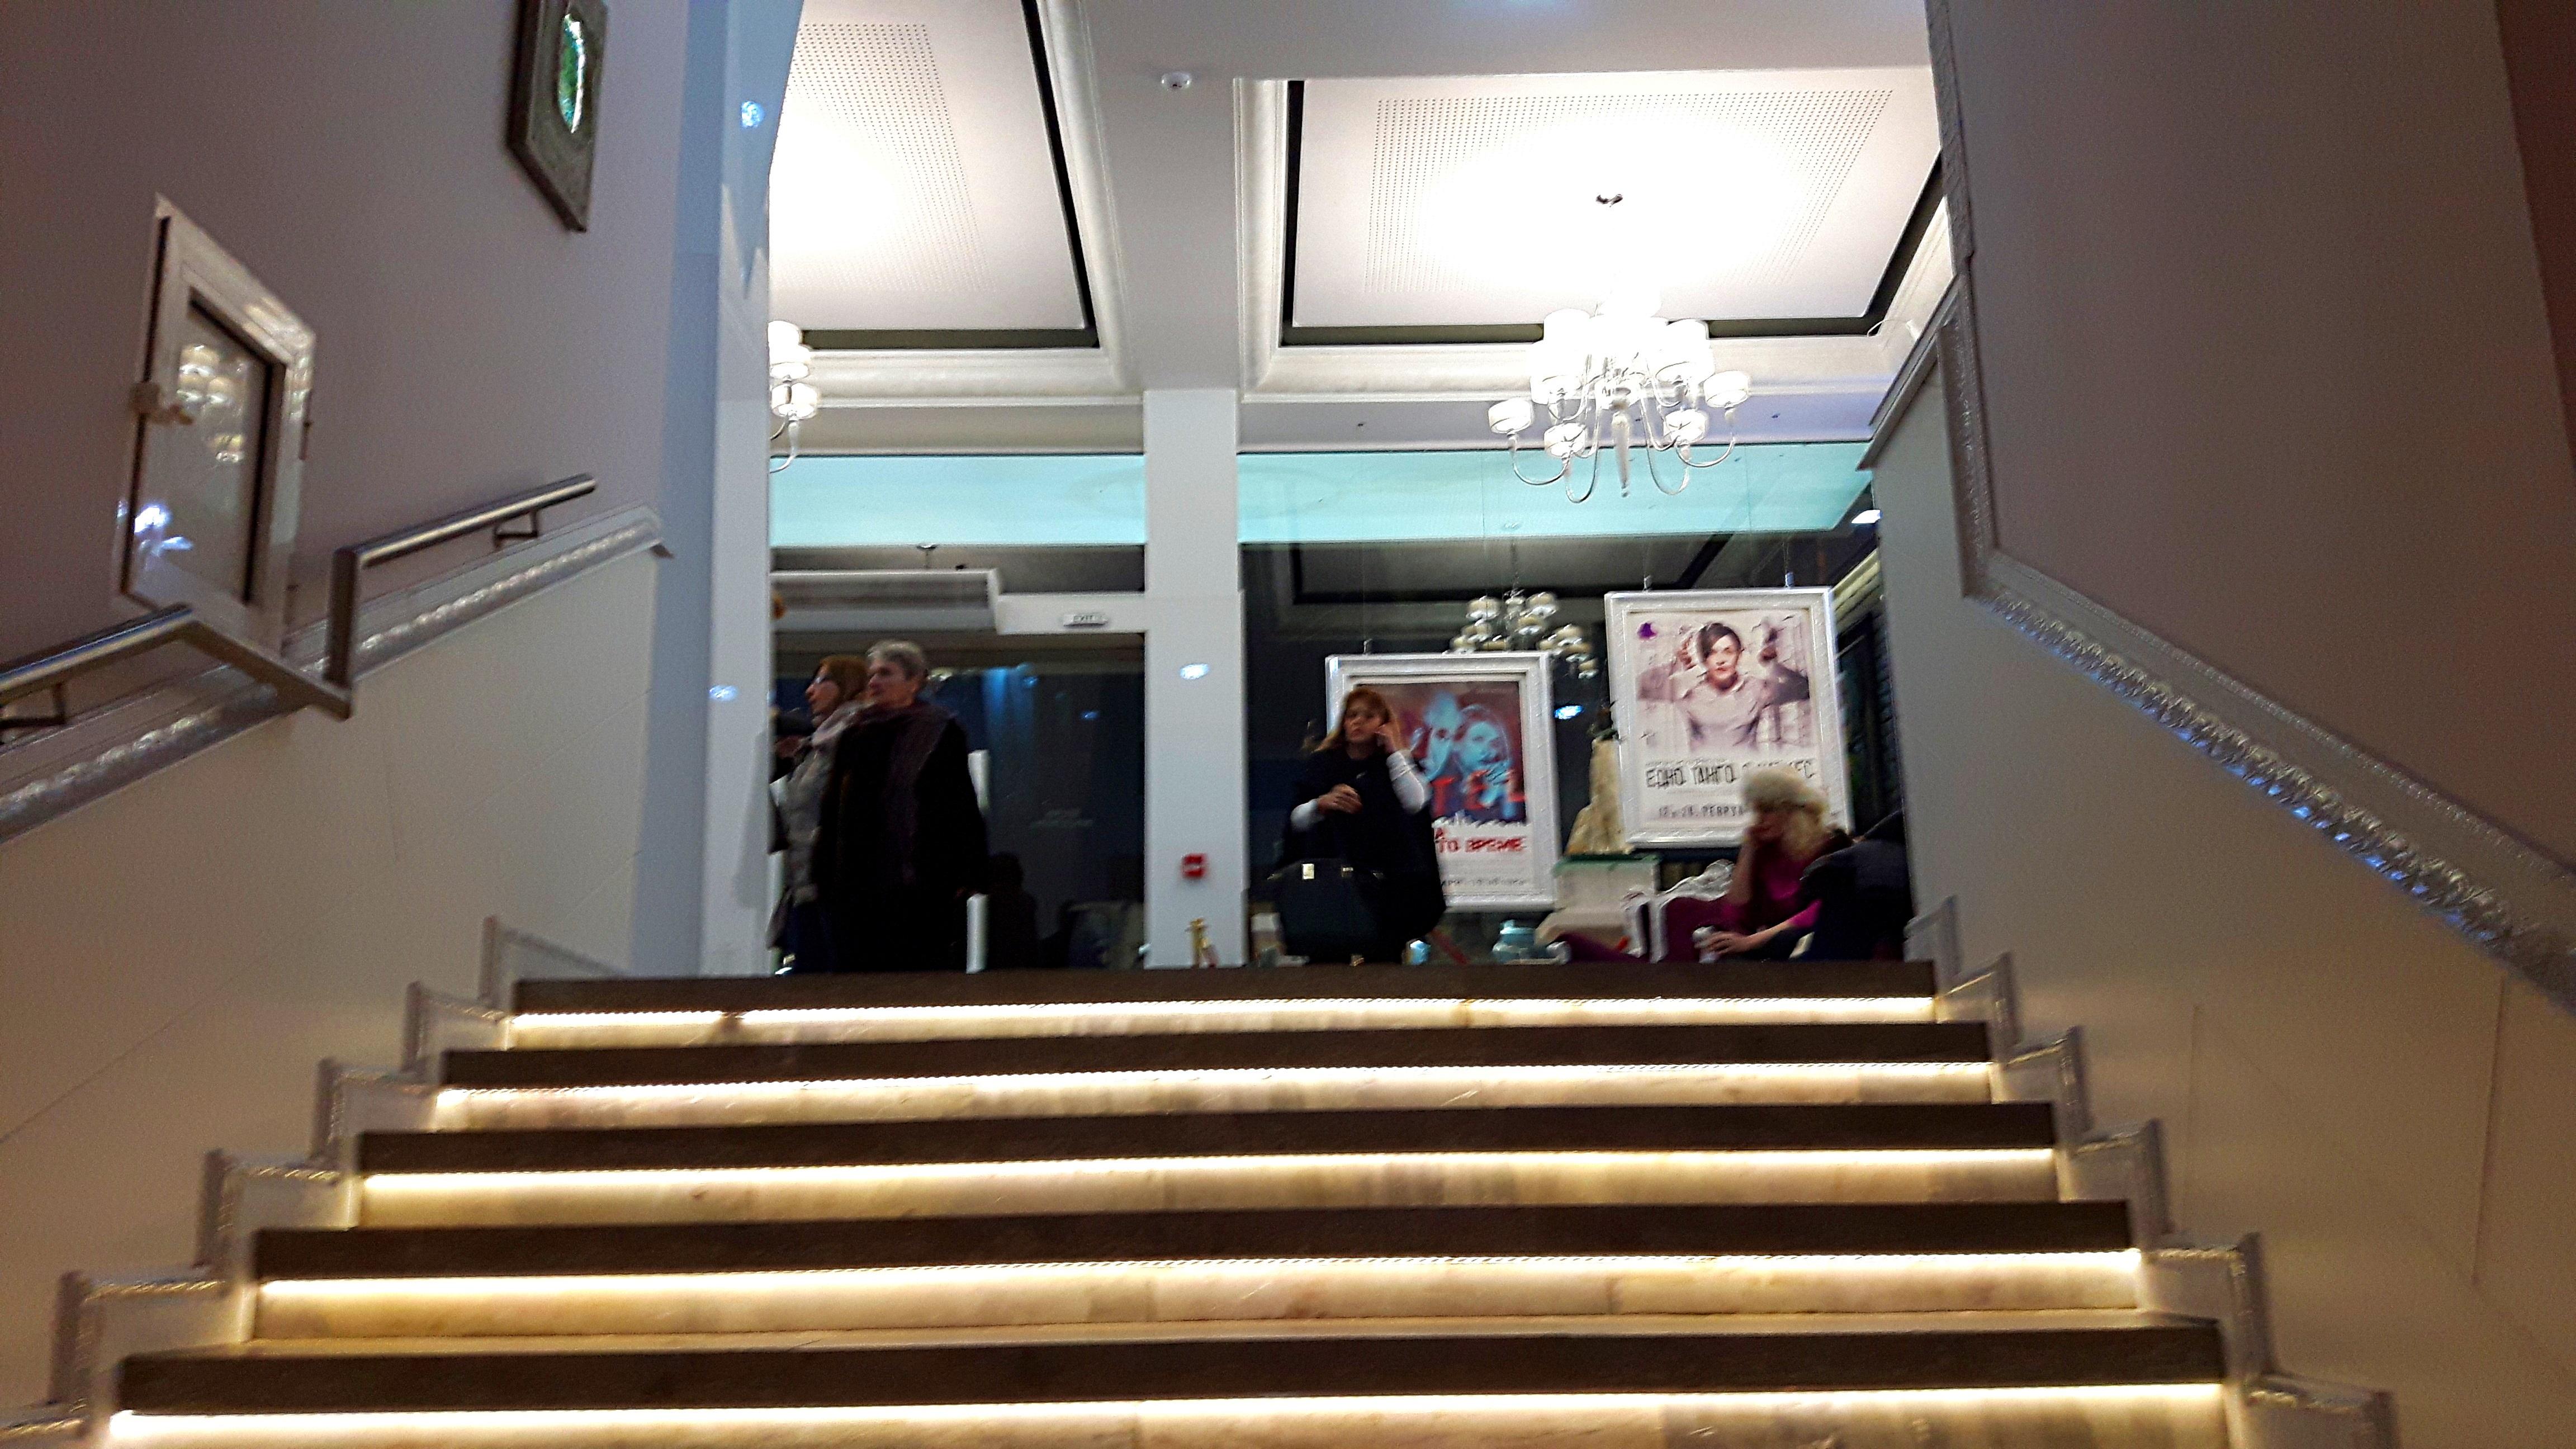 София с ново място за култура в цвят лилав